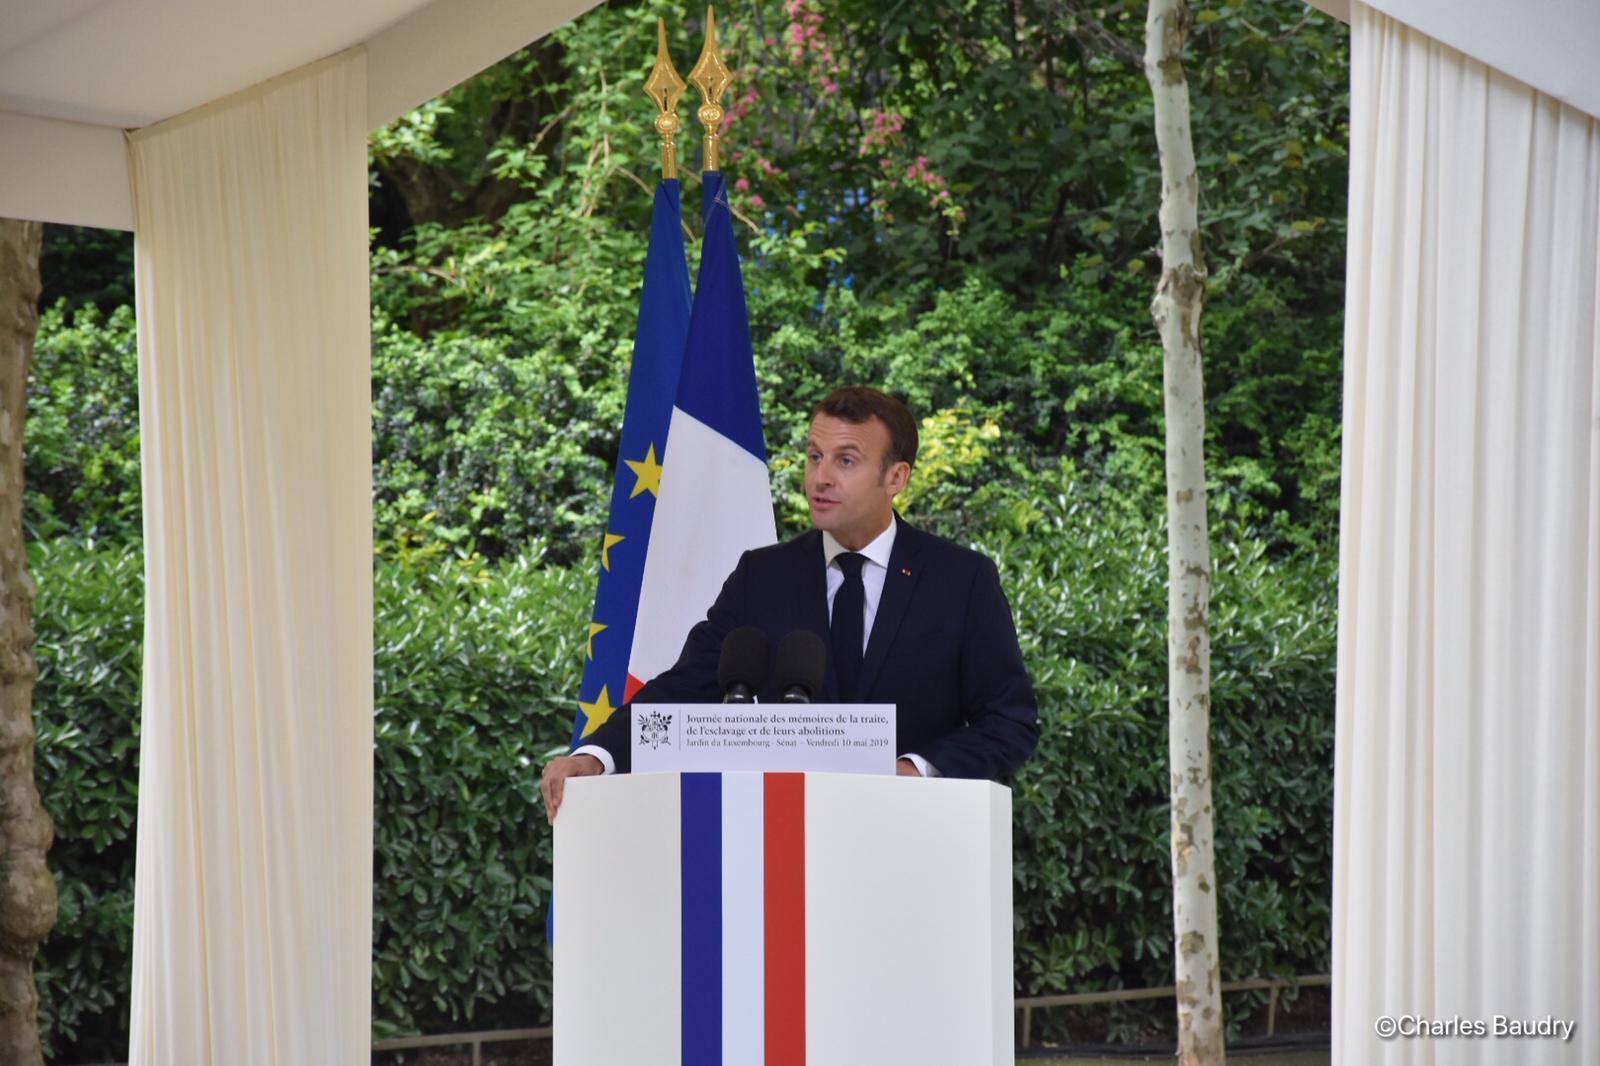 EXCLU. 10 mai : Emmanuel Macron au Jardin du Luxembourg pour les 20 ans de la loi Taubira